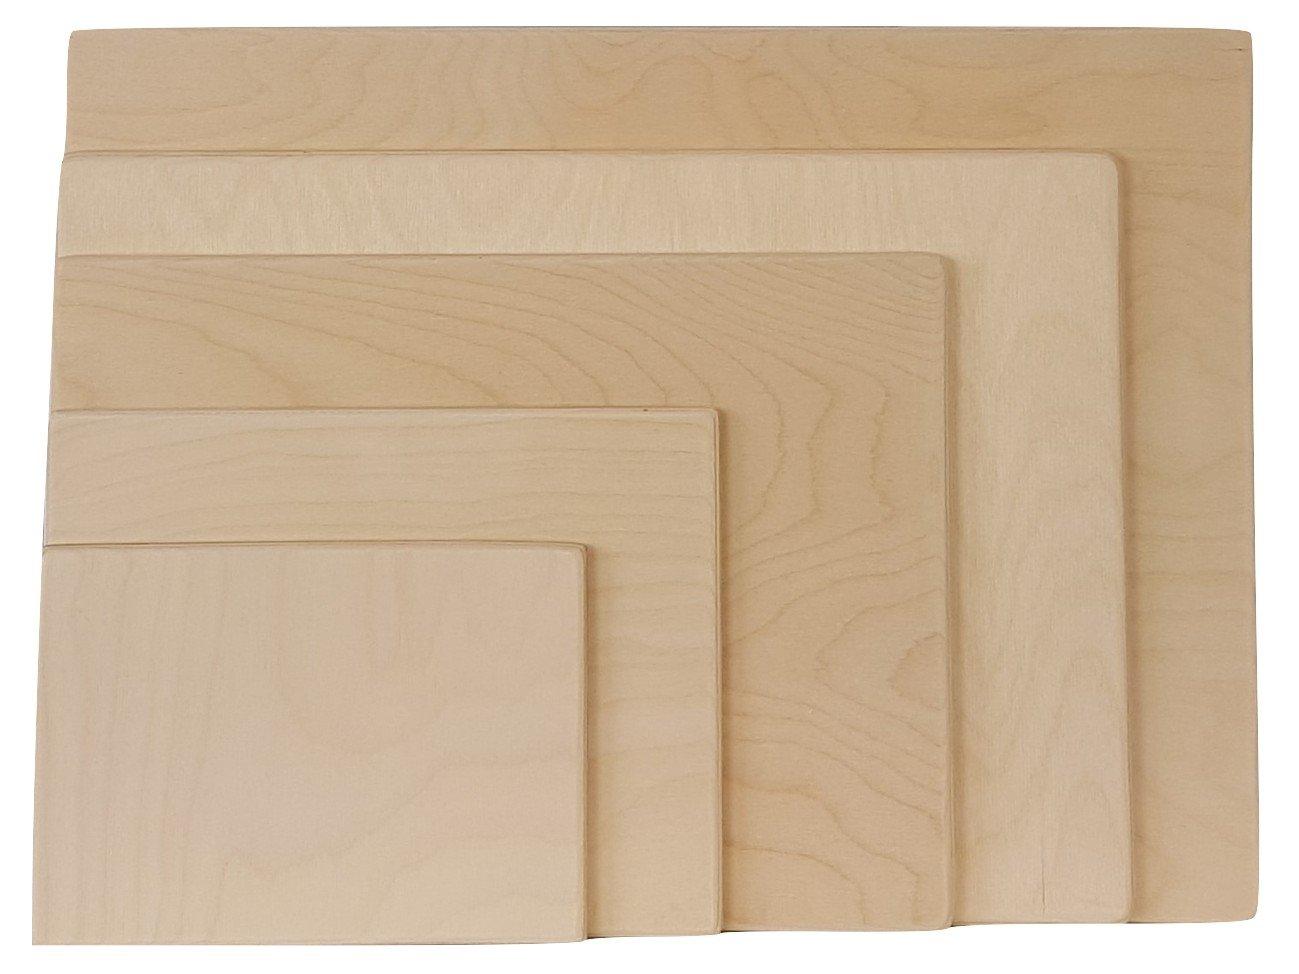 Tavola da disegno in legno per dipinti ad acquarello, adatta all' applicazione di fogli per dipinti ad acquarello, A3 A4 A5, A2 The Natural Workshop